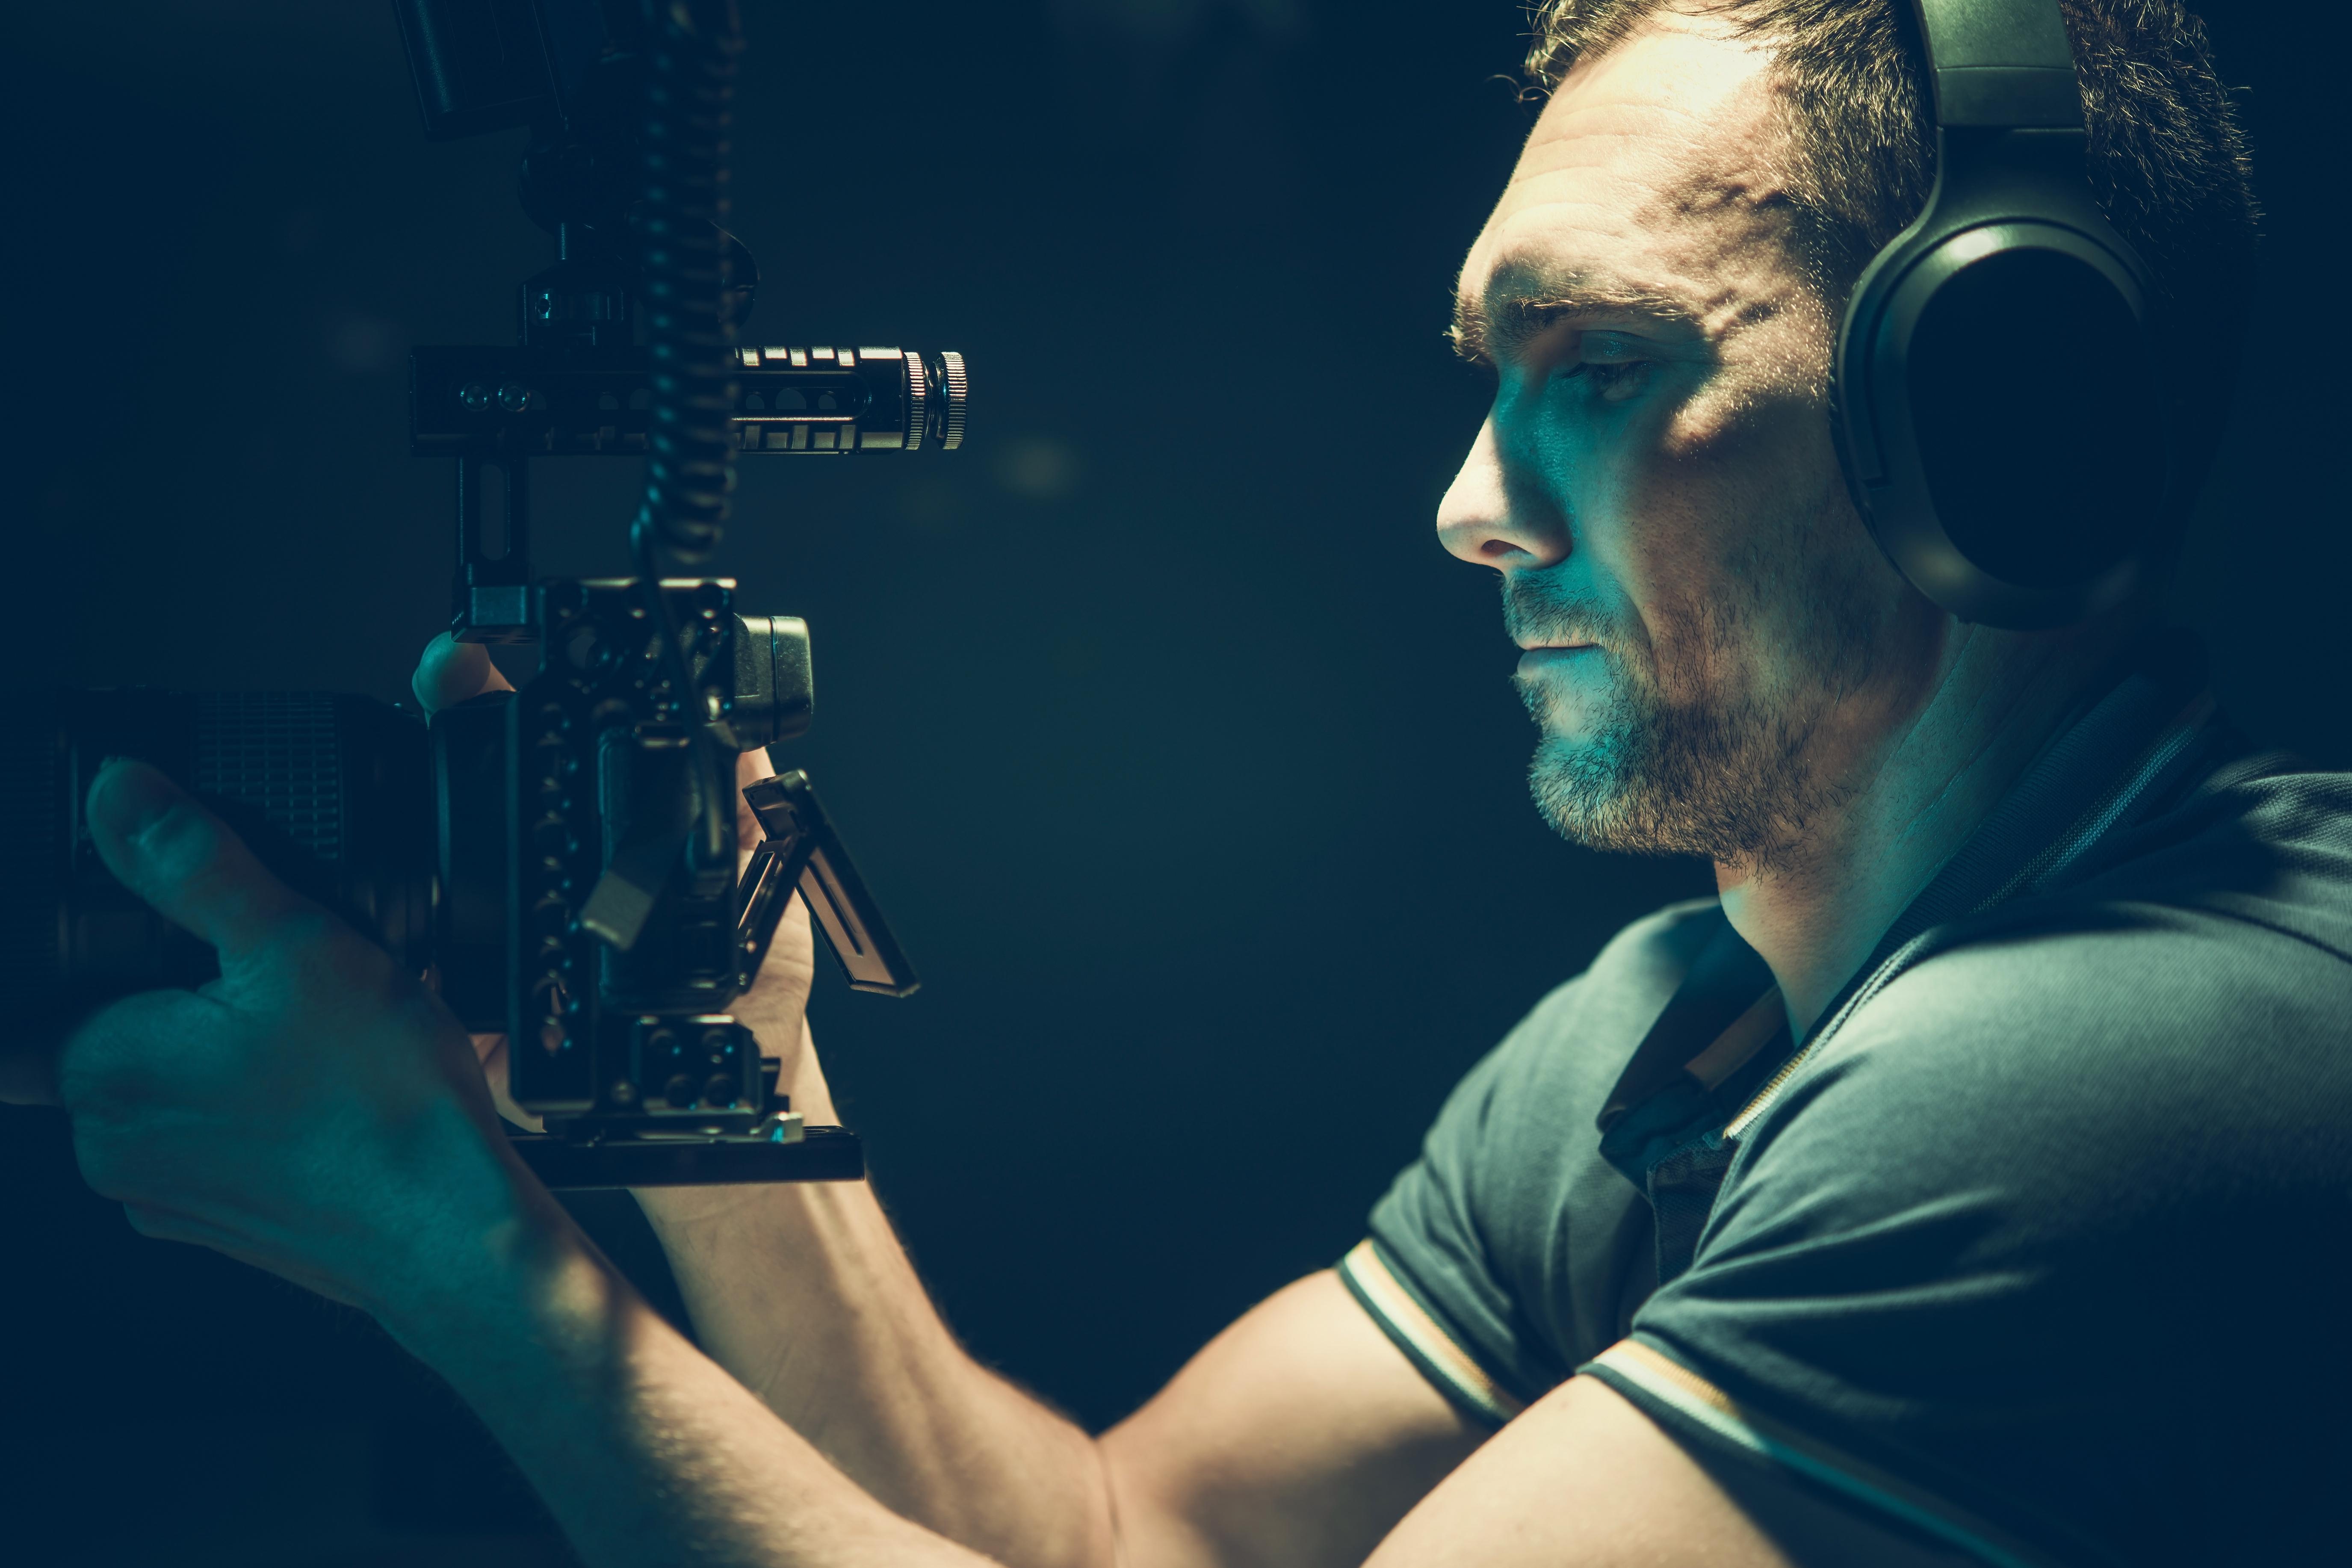 digital-cinema-cameraman-EK26XQQ.jpg